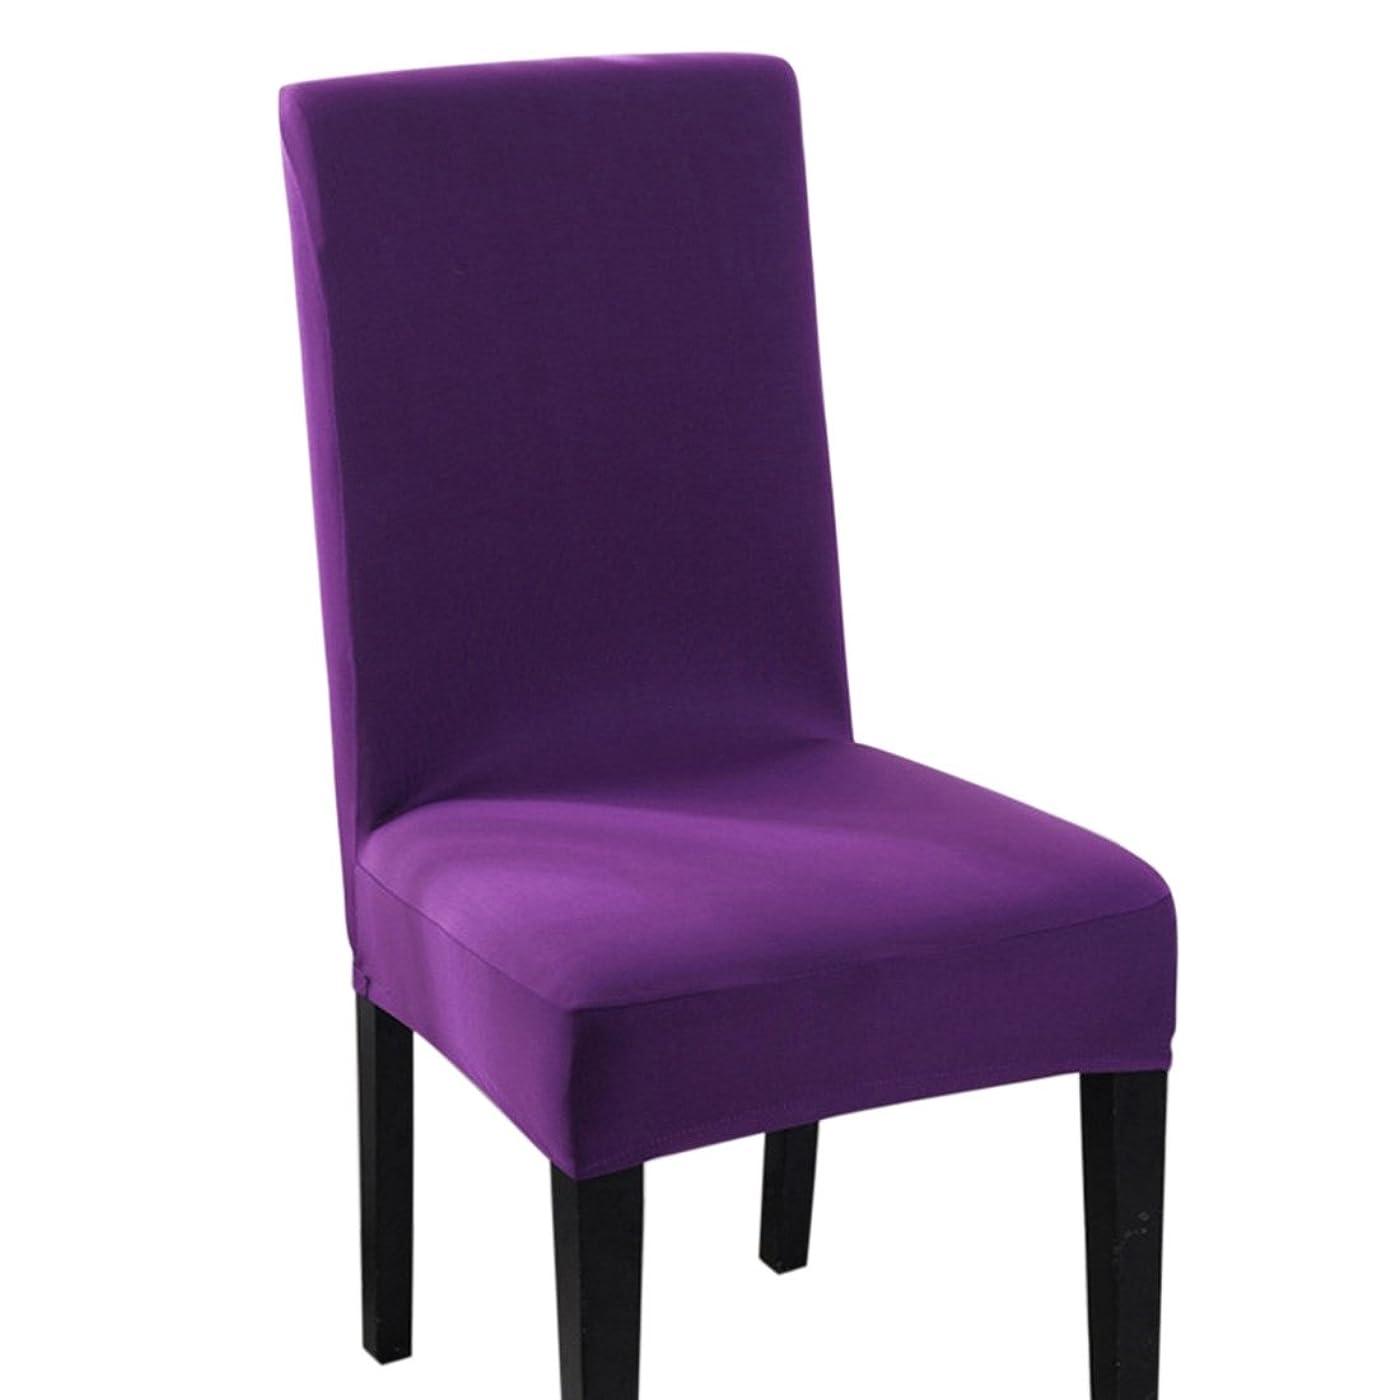 ピザリール欺Pinji 椅子カバー チェアカバー 4枚セット ダイニング ストレッチ素材 座椅子フルカバー 洗える ルーム 結婚式 9色 パープル